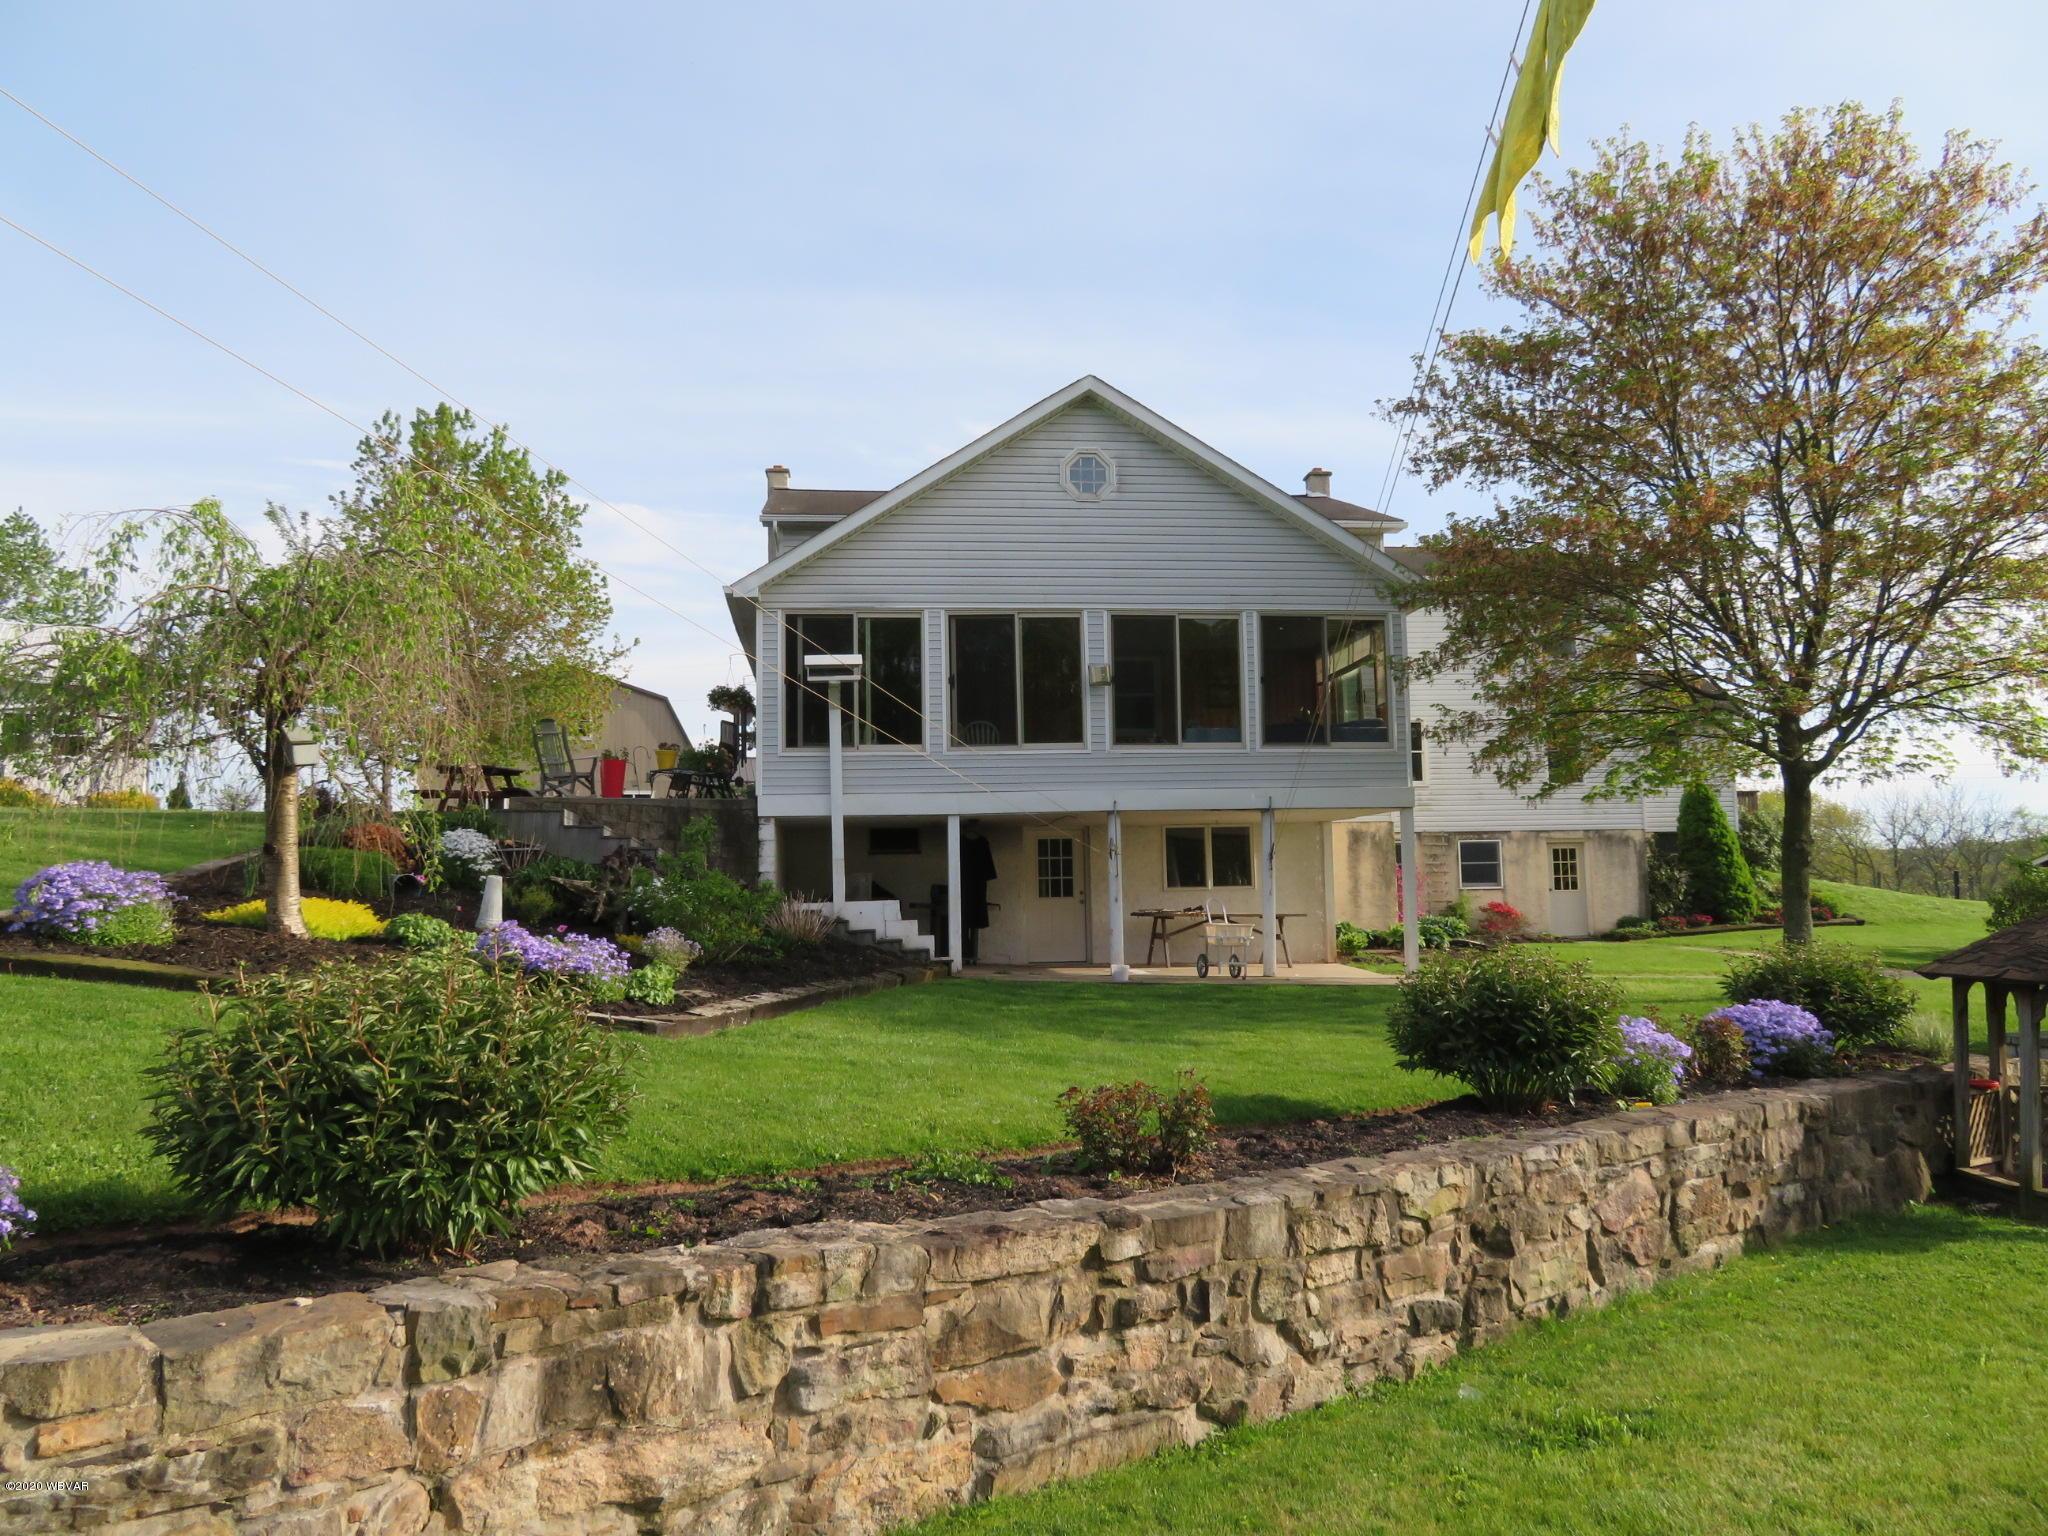 184 HIDDEN ACRES LANE,Dornsife,PA 17823,9 Bedrooms Bedrooms,2 BathroomsBathrooms,Farm,HIDDEN ACRES,WB-89649